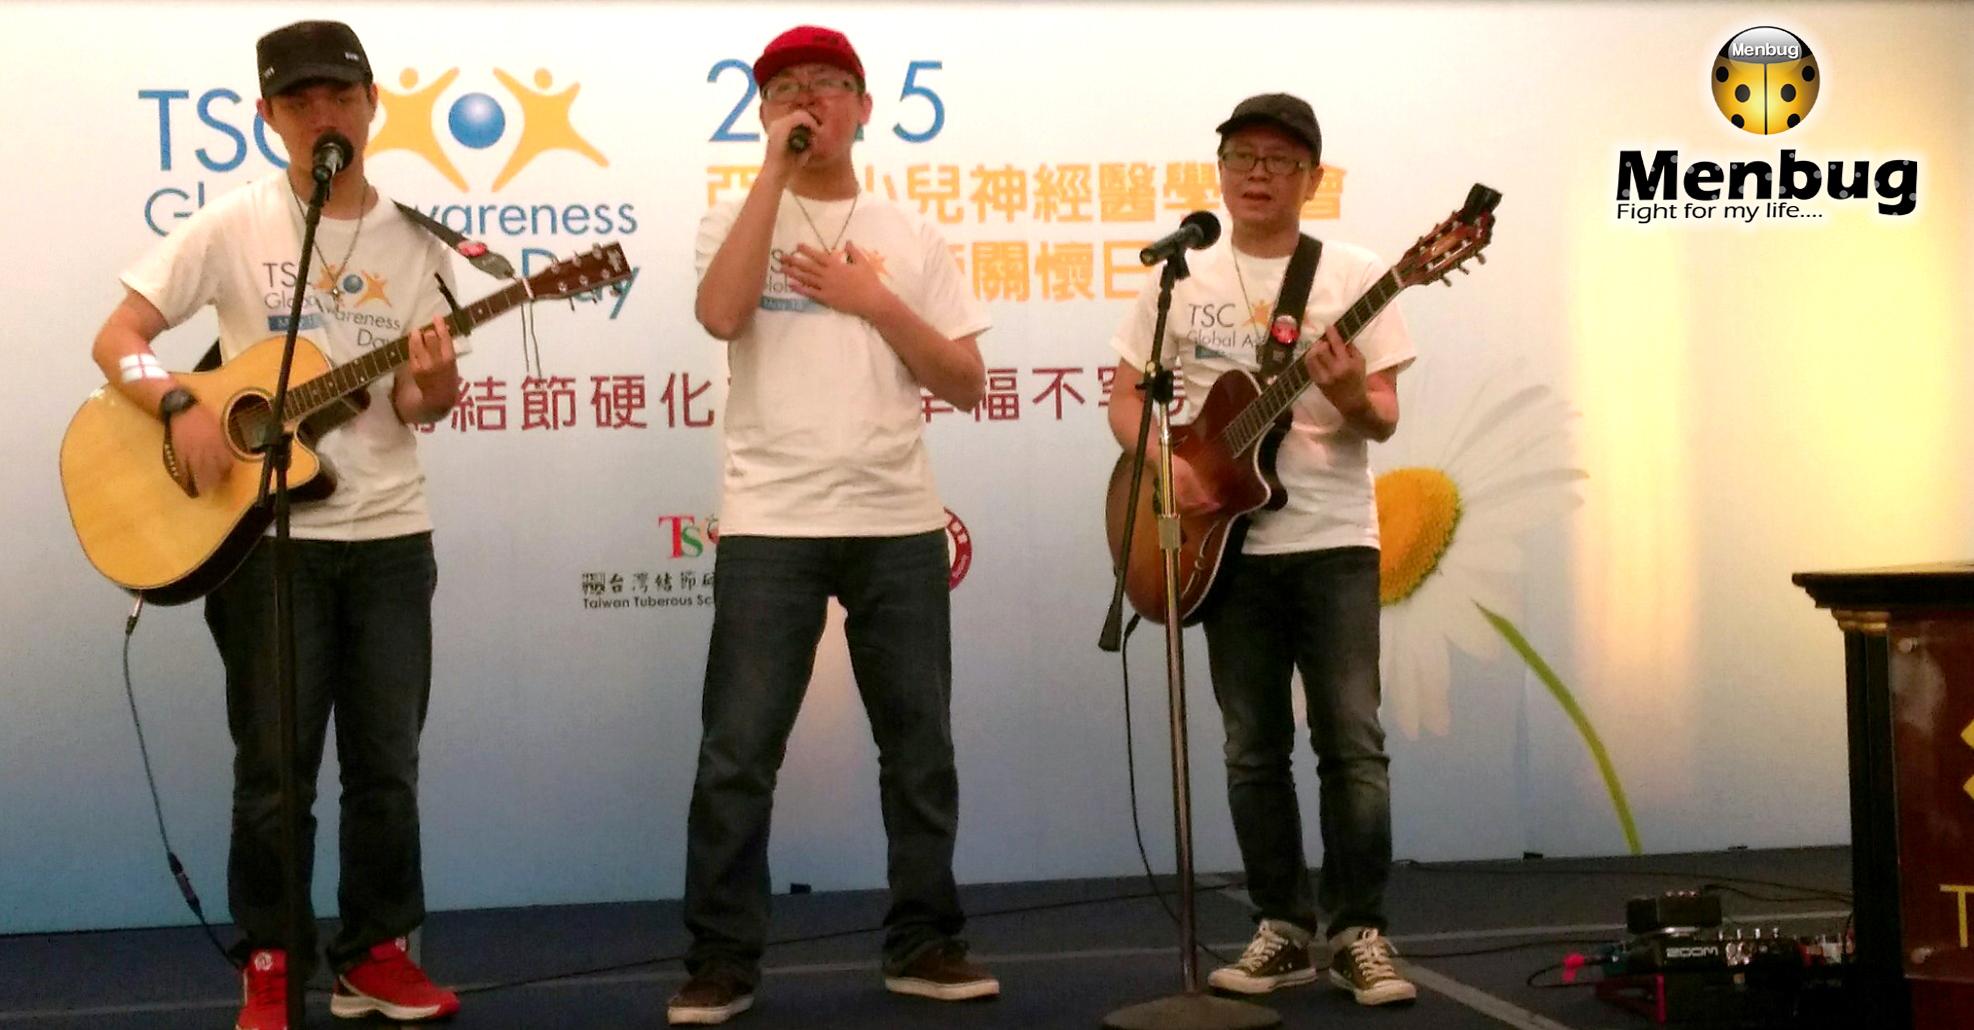 受邀表演的Menbug,展現最佳的表演台風,一首周杰倫的「聽媽媽的話」,感動了全場所有人。